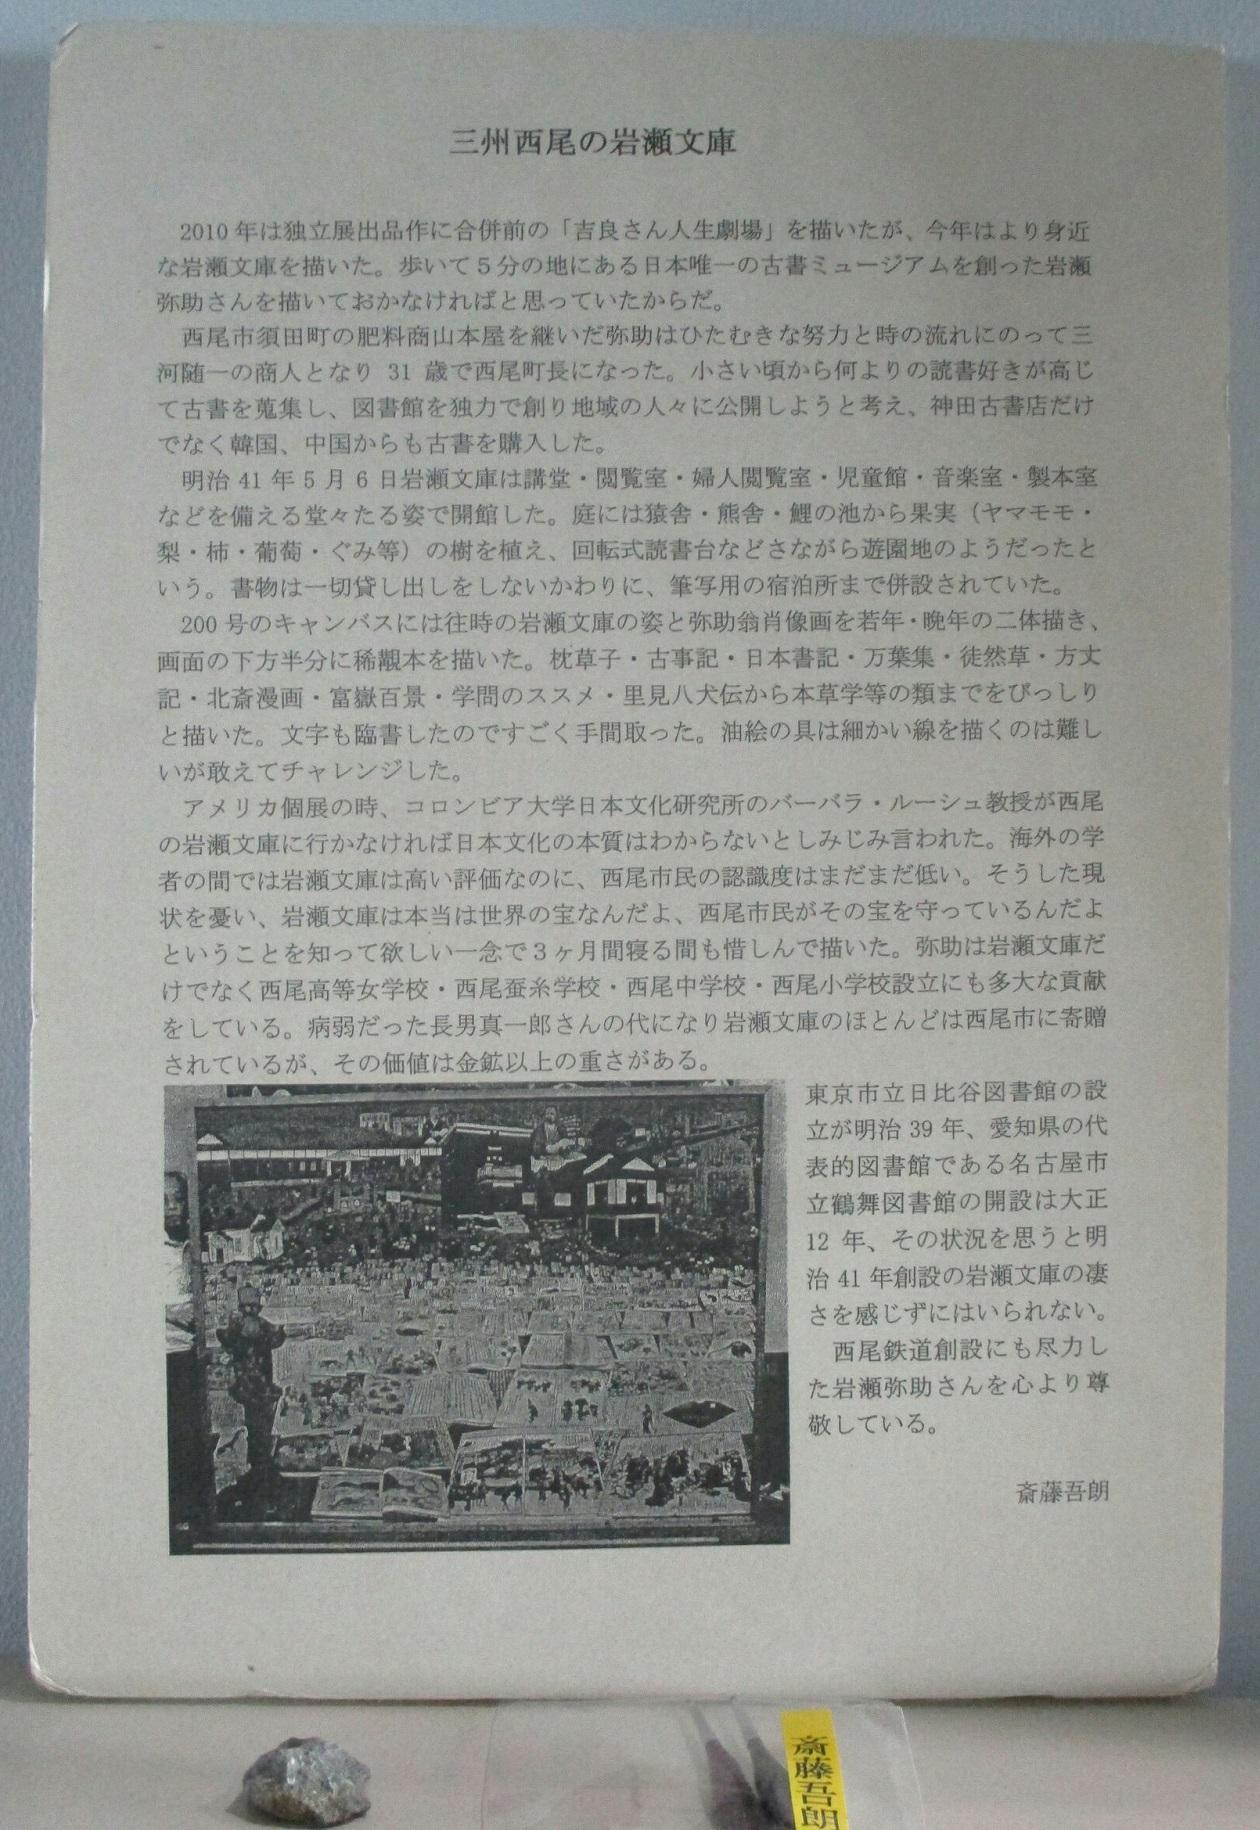 2019.4.26 三州西尾の岩瀬文庫 - 説明がき 1260-1830